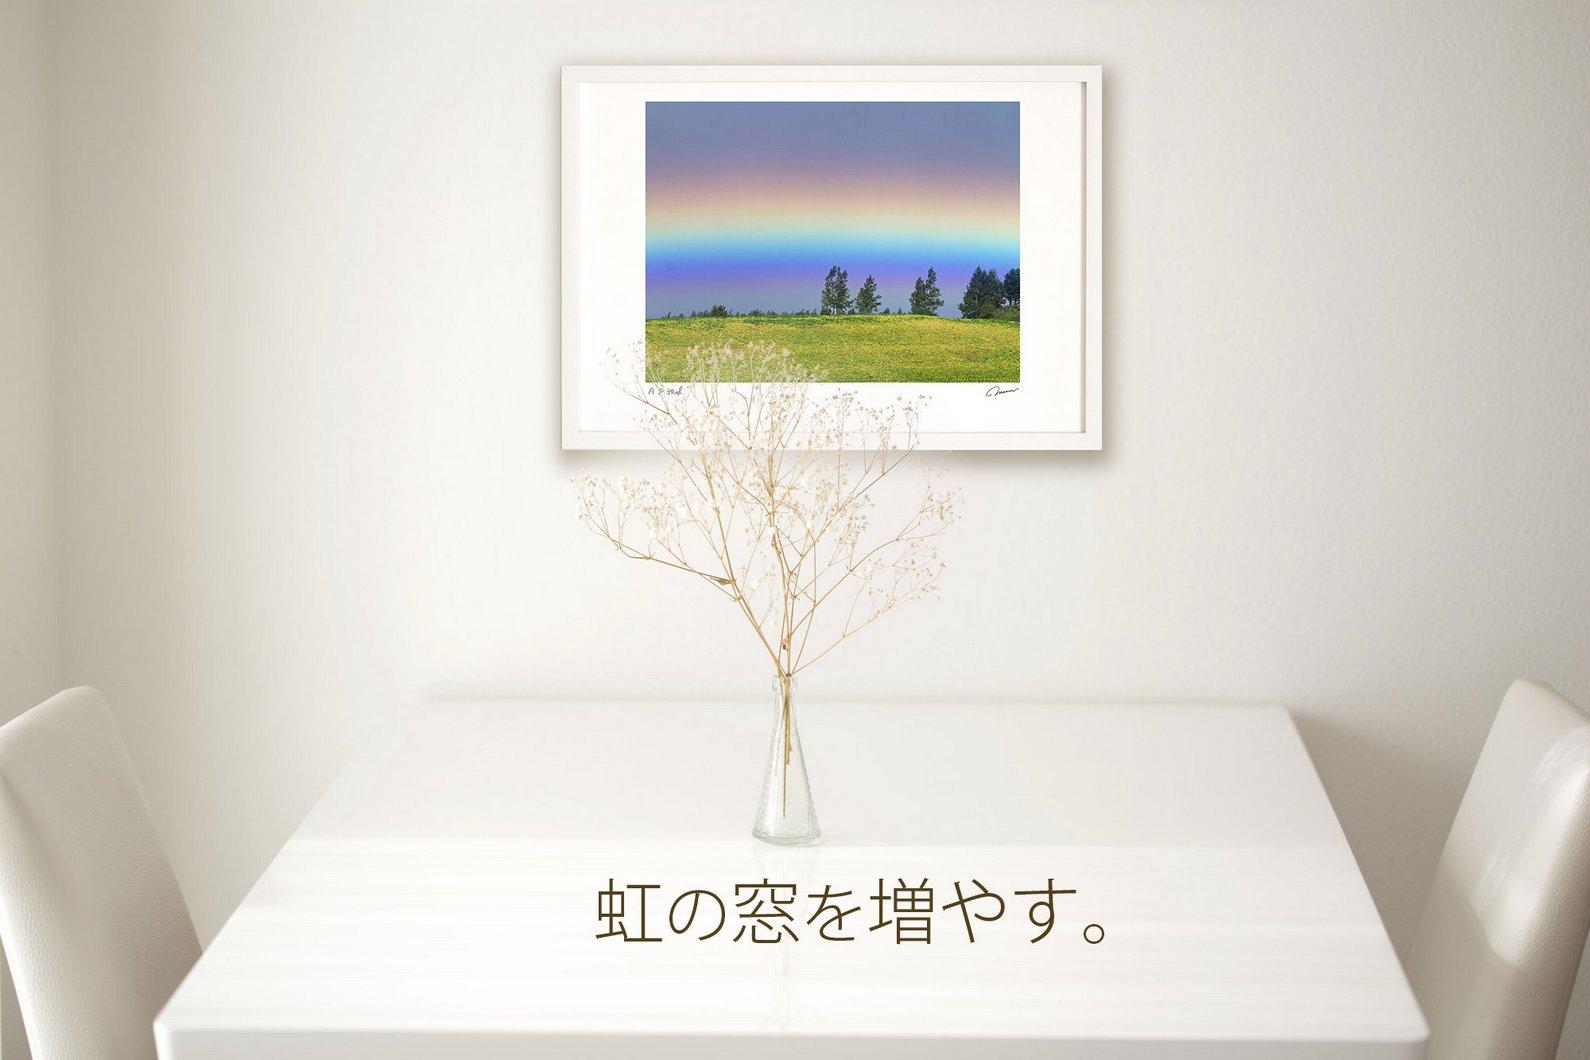 《アートフォト》ポプラと雲/美瑛町〔富良野・高橋真澄〕(レンタル対象)